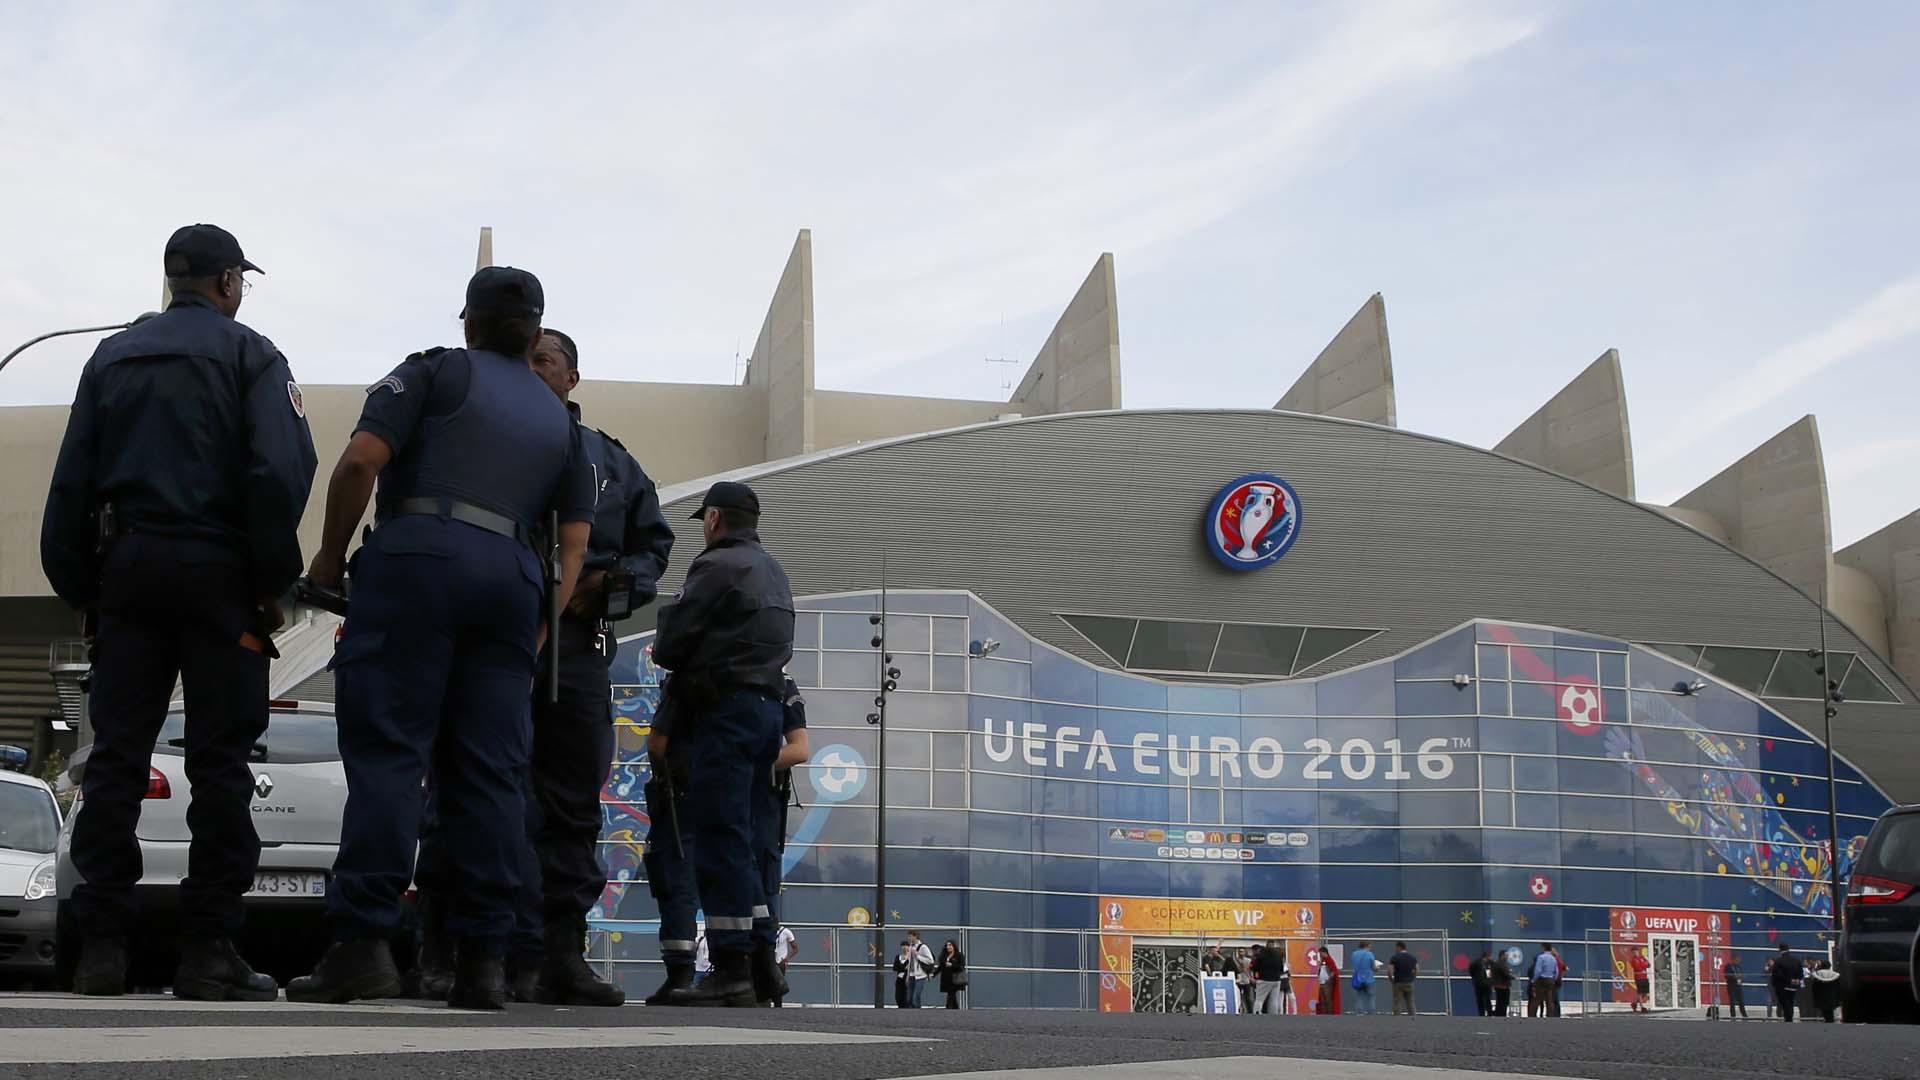 500 personas, identificadas como peligrosas, son vigiladas para prevenir atentados en el torneo